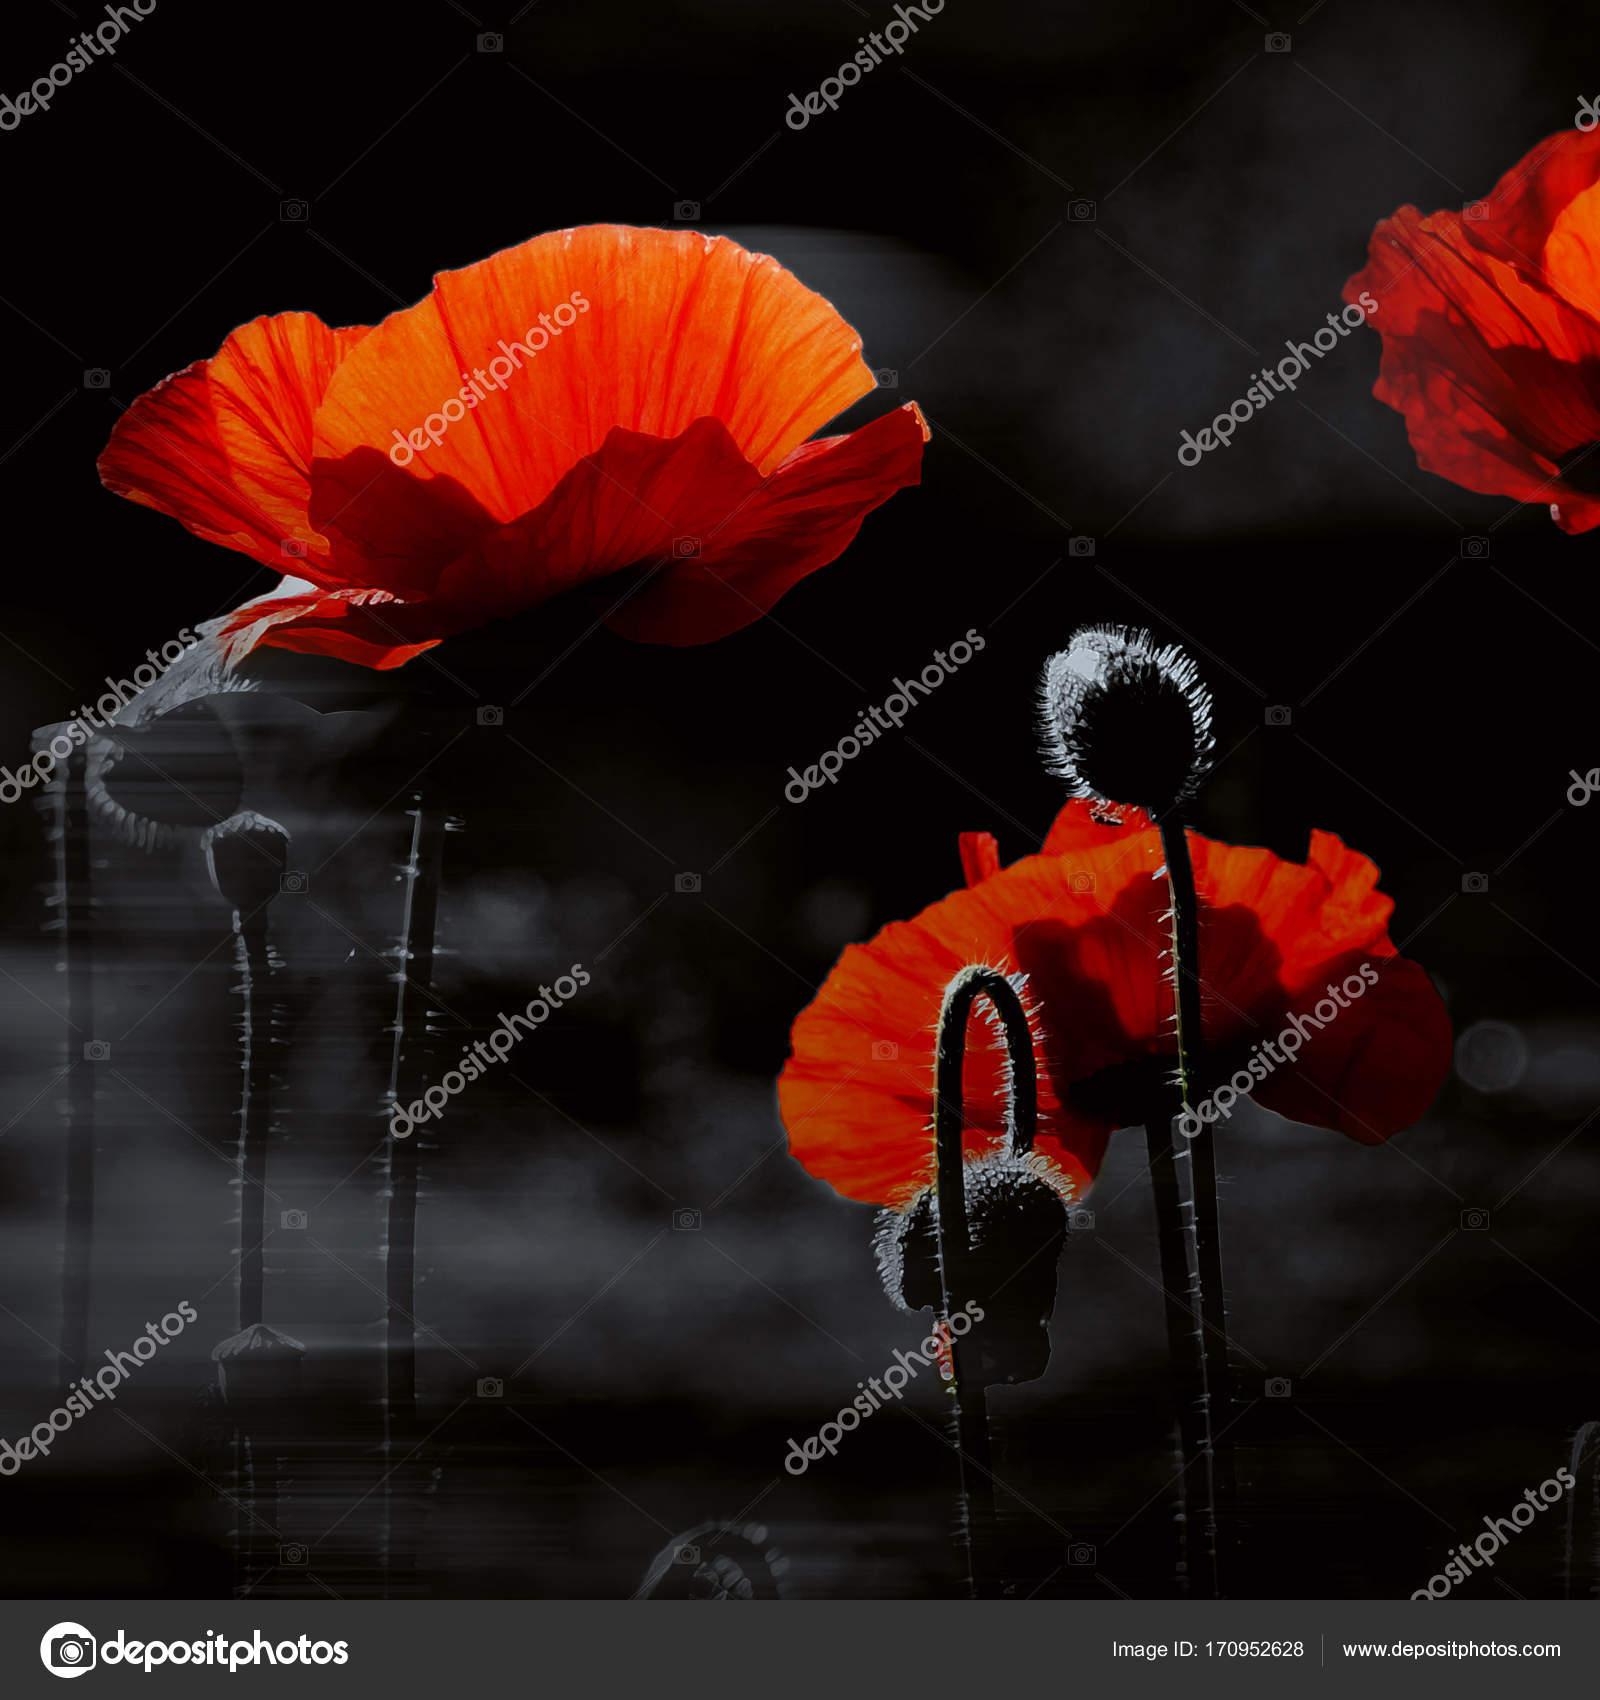 Rood en zwart. Interieur werk — Stockfoto © beholding-3 #170952628